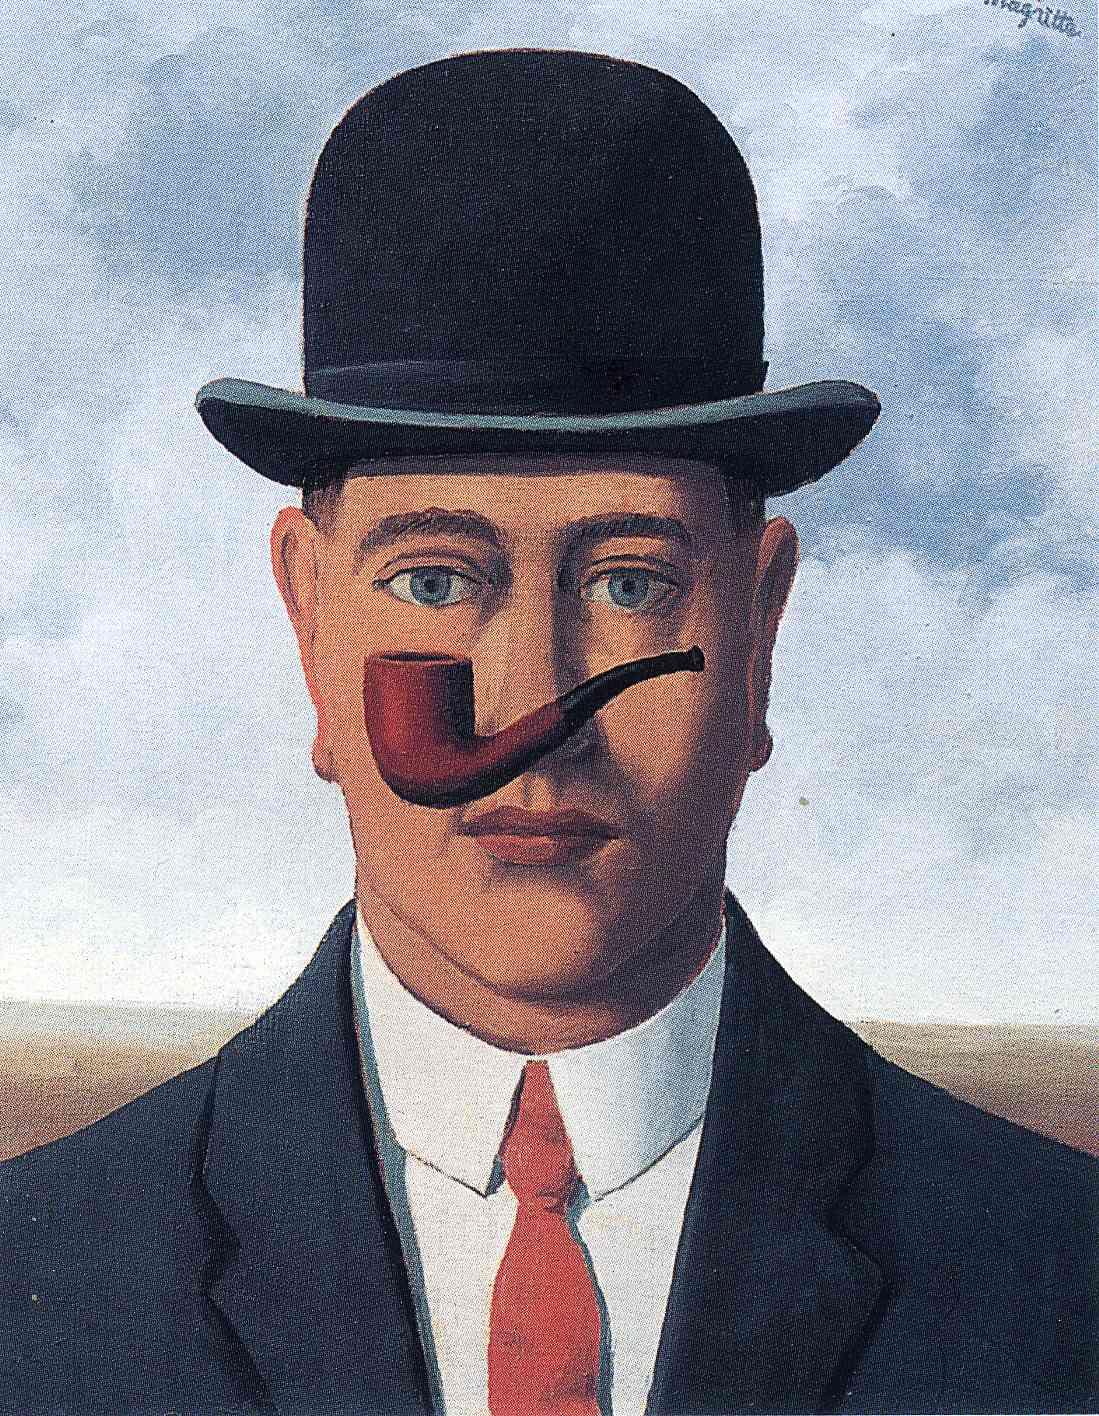 Good faith - Rene Magritte - good-faith-1965(1)